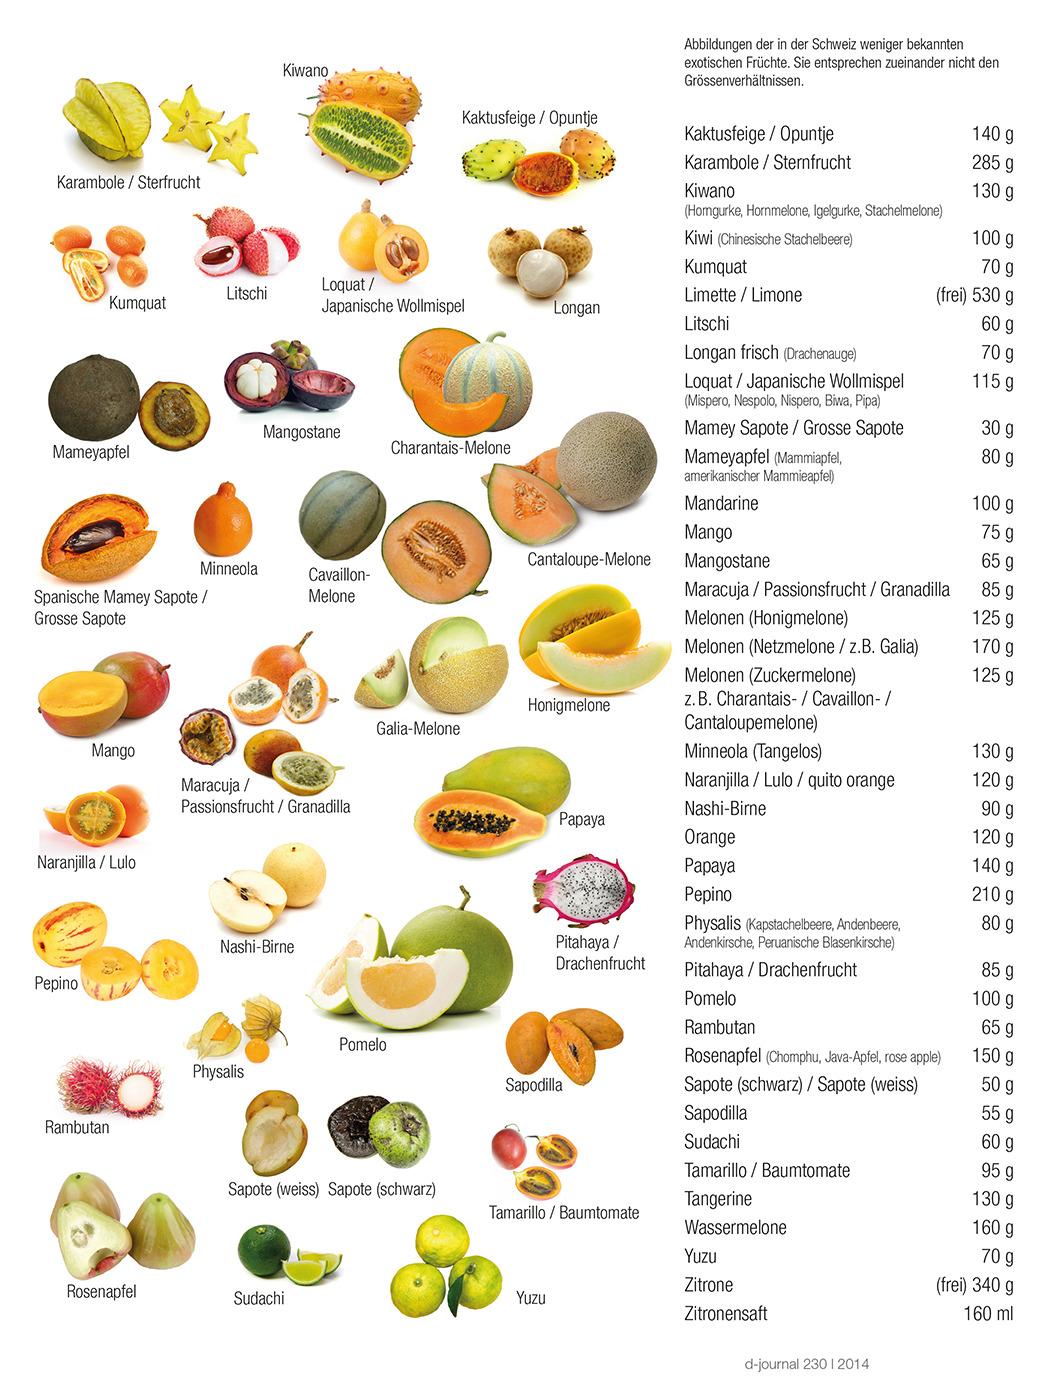 Exotische Früchte und ihe Kohlenhydrate 2